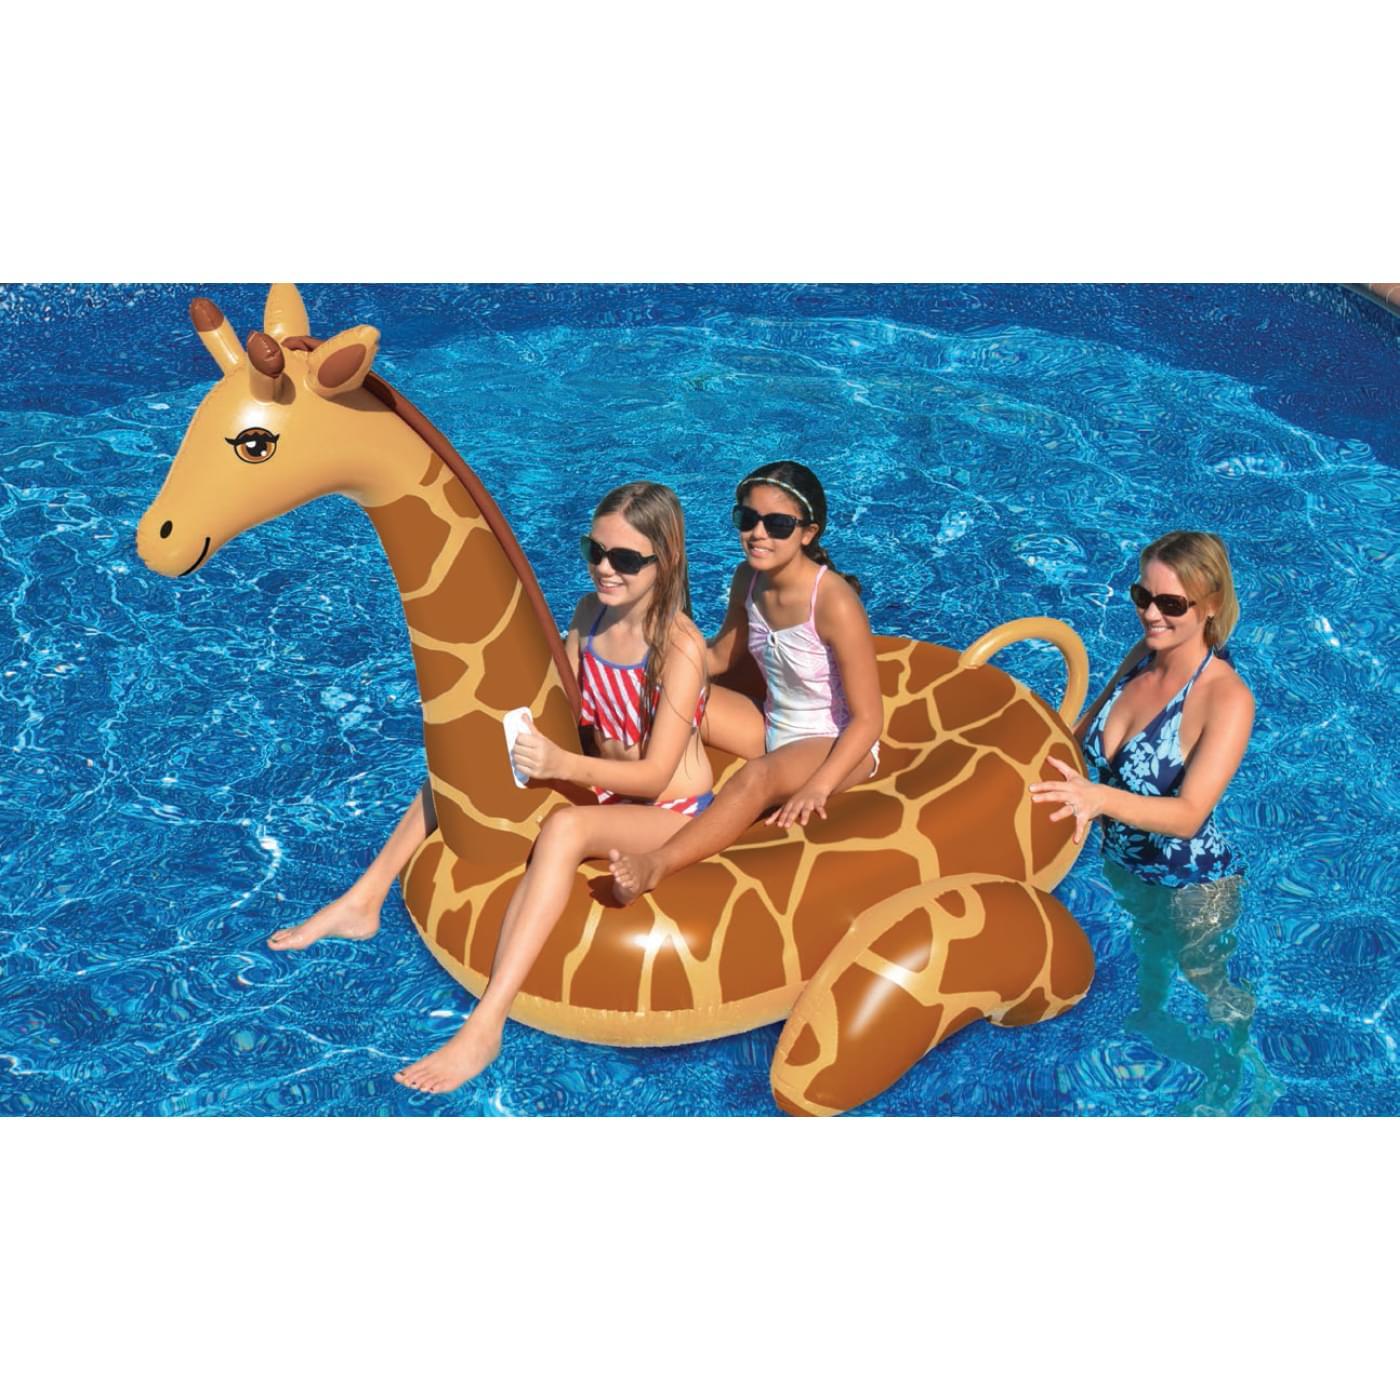 Giant Giraffe Ride-On Pool Float